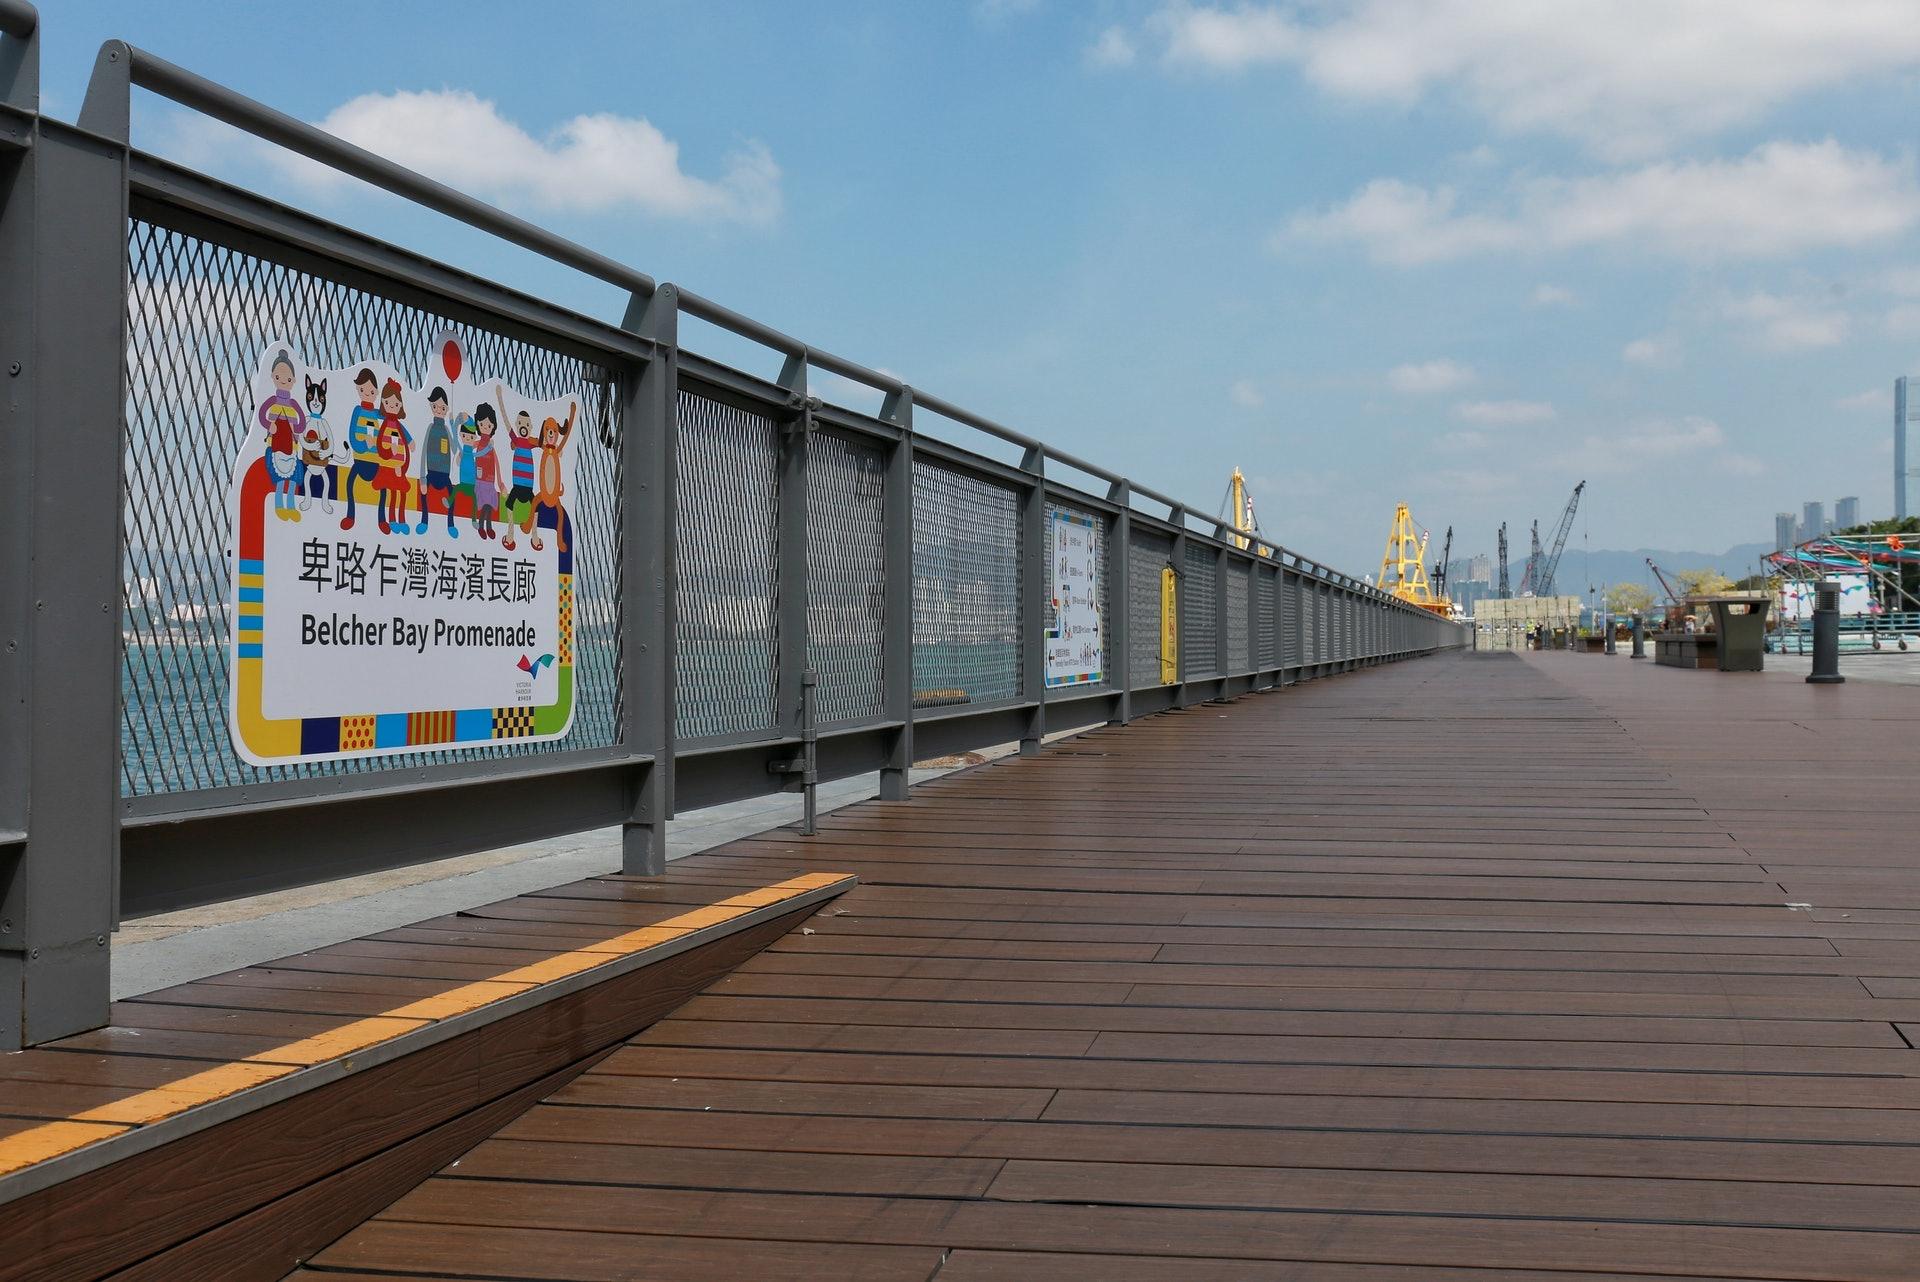 海濱長廊環境舒適,跑步、放狗、睇日落都好適合。(資料圖片)